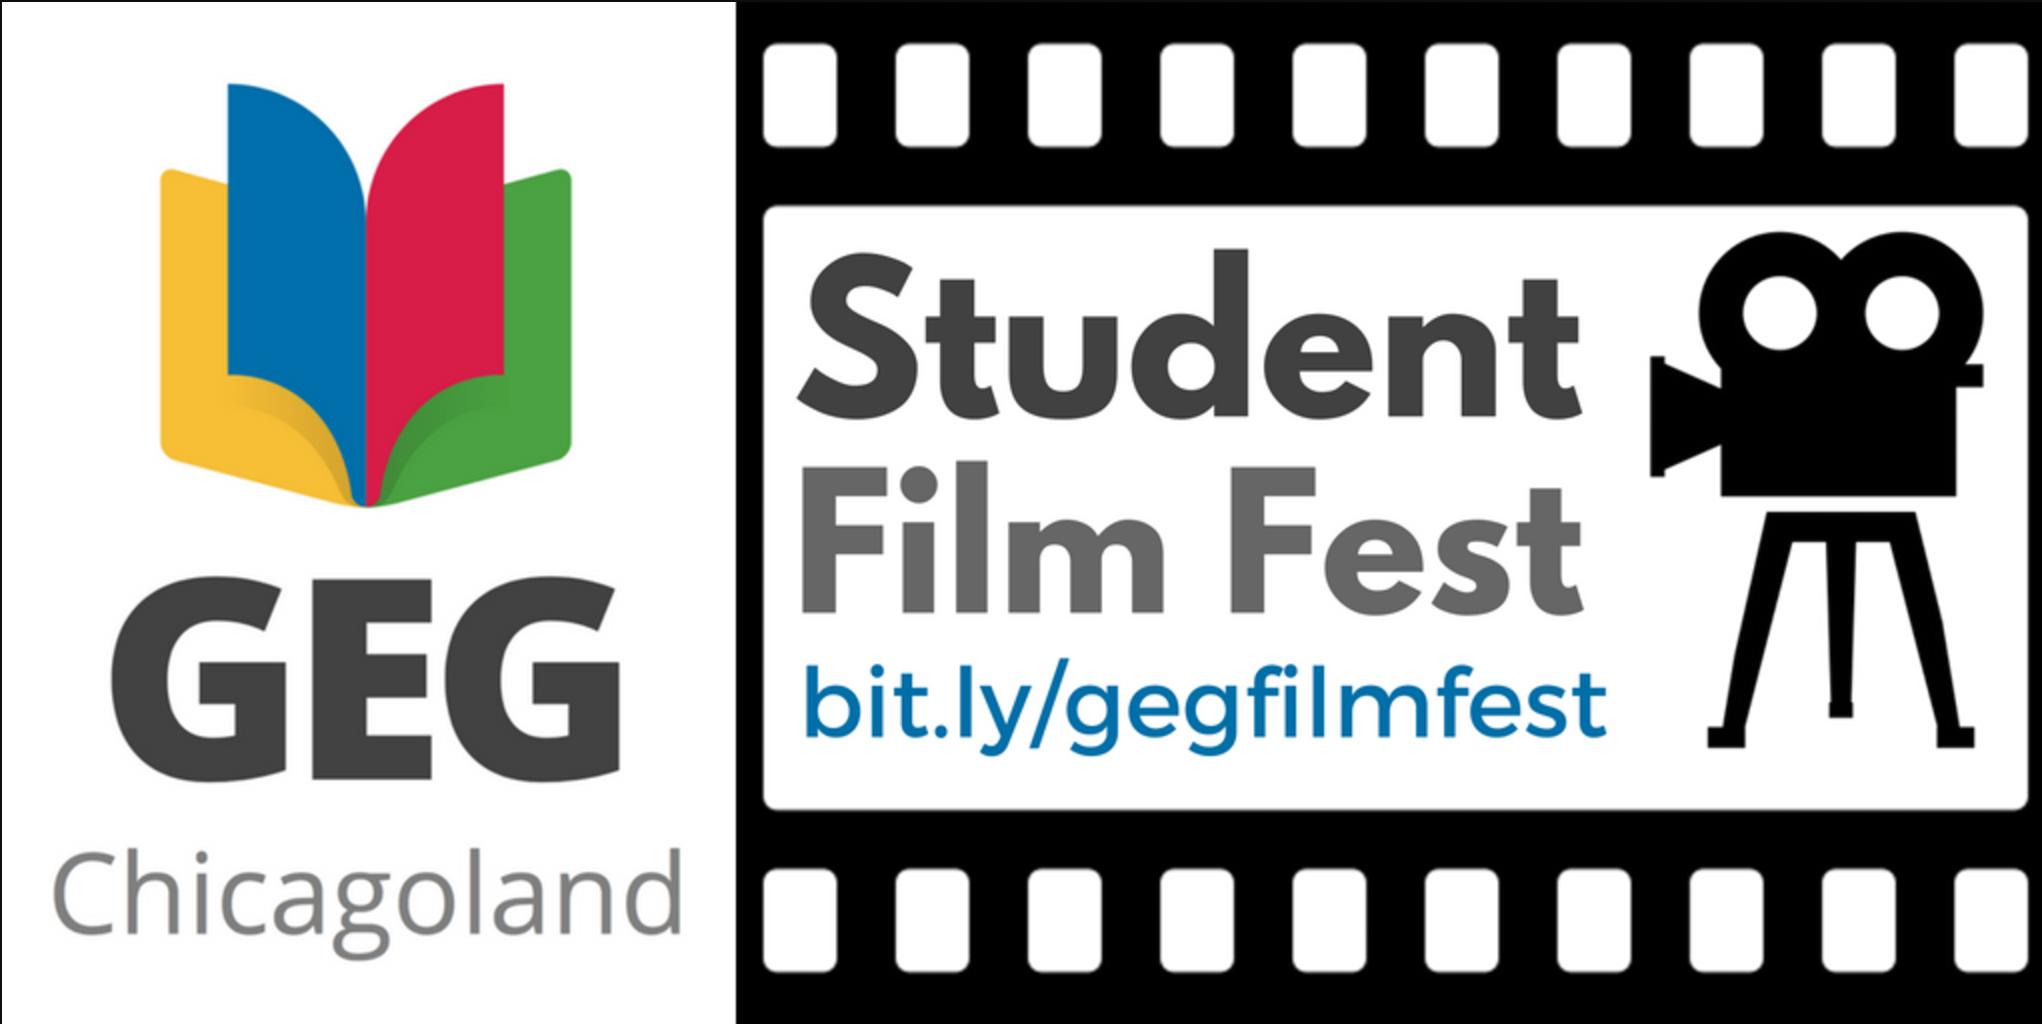 Chicagoland Student Film Fest